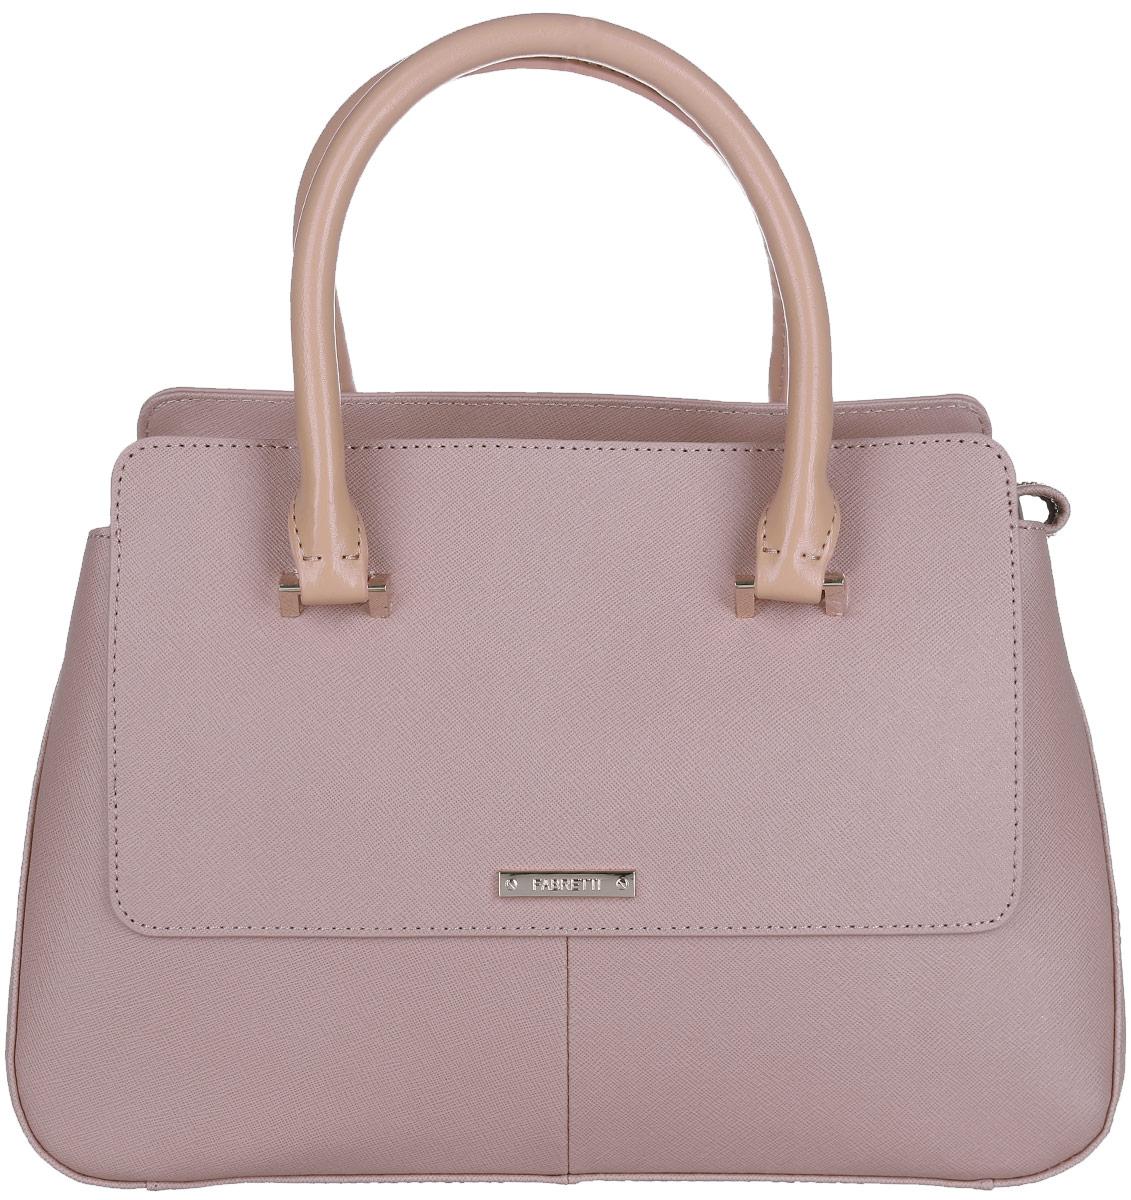 Сумка женская Fabretti, цвет: бежевый, серо-розовый. N2554N2554-beigeСтильная женская сумка Fabretti выполнена из натуральной кожи с фактурным тиснением. Изделие содержит одно вместительное отделение, которое закрывается на застежку-молнию. Внутри расположено два накладных кармашка для мелочей, карман-средник на застежке-молнии и два врезных кармана на молнии. Снаружи, на задней стороне сумки, расположен врезной карман на застежке-молнии. Сумка оснащена удобными ручками и съемным плечевым ремнем, который можно регулировать по длине. Дно сумки оснащено металлическими ножками. Оригинальный аксессуар позволит вам завершить образ и быть неотразимой.